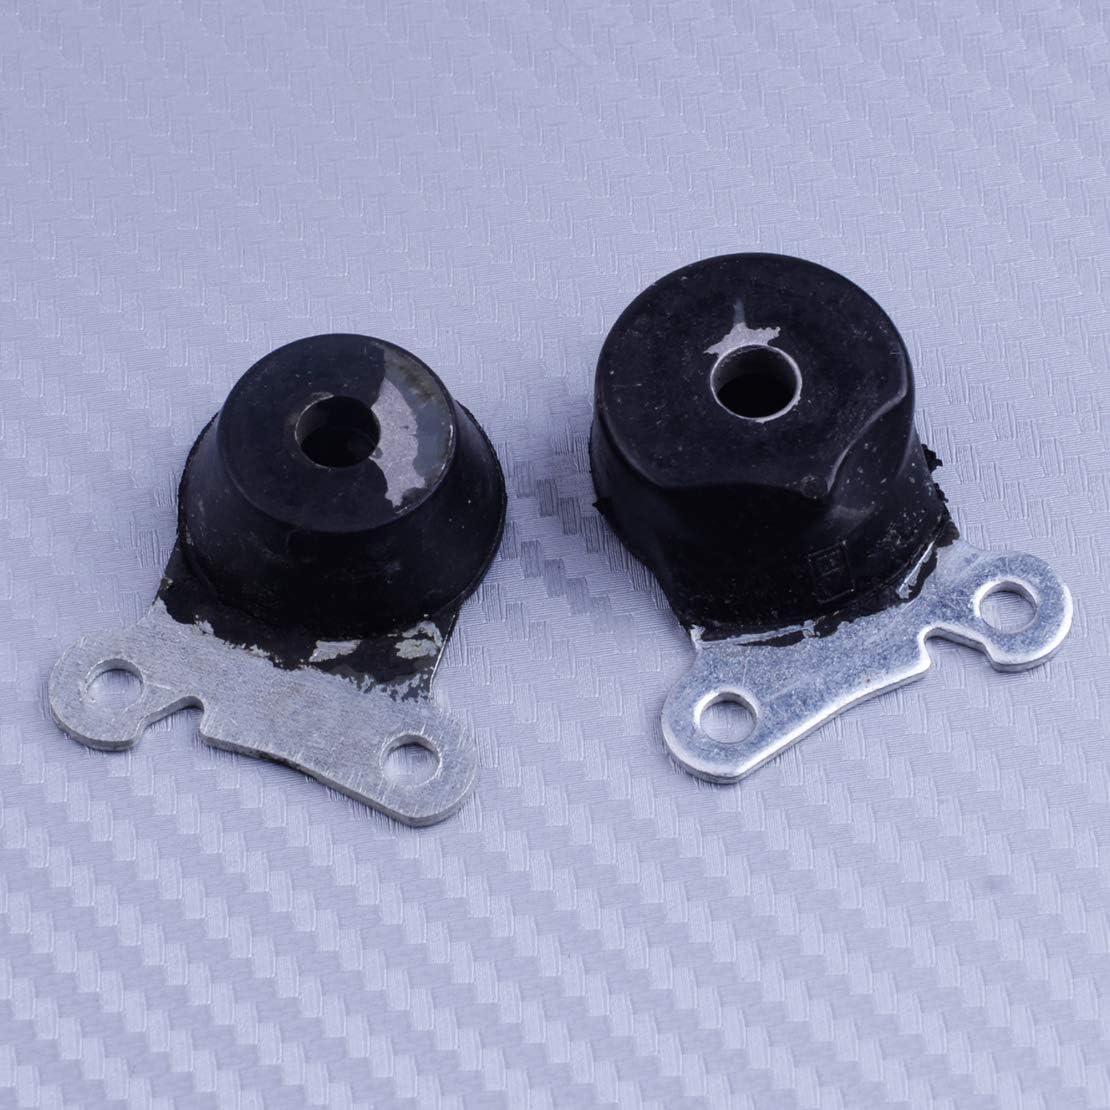 2pcs AV Annulaire Tampon Fit Pour Stihl MS200T 020T Tron/çonneuse 1129 790 9902 1129 790 9900 M/étal et Caoutchouc